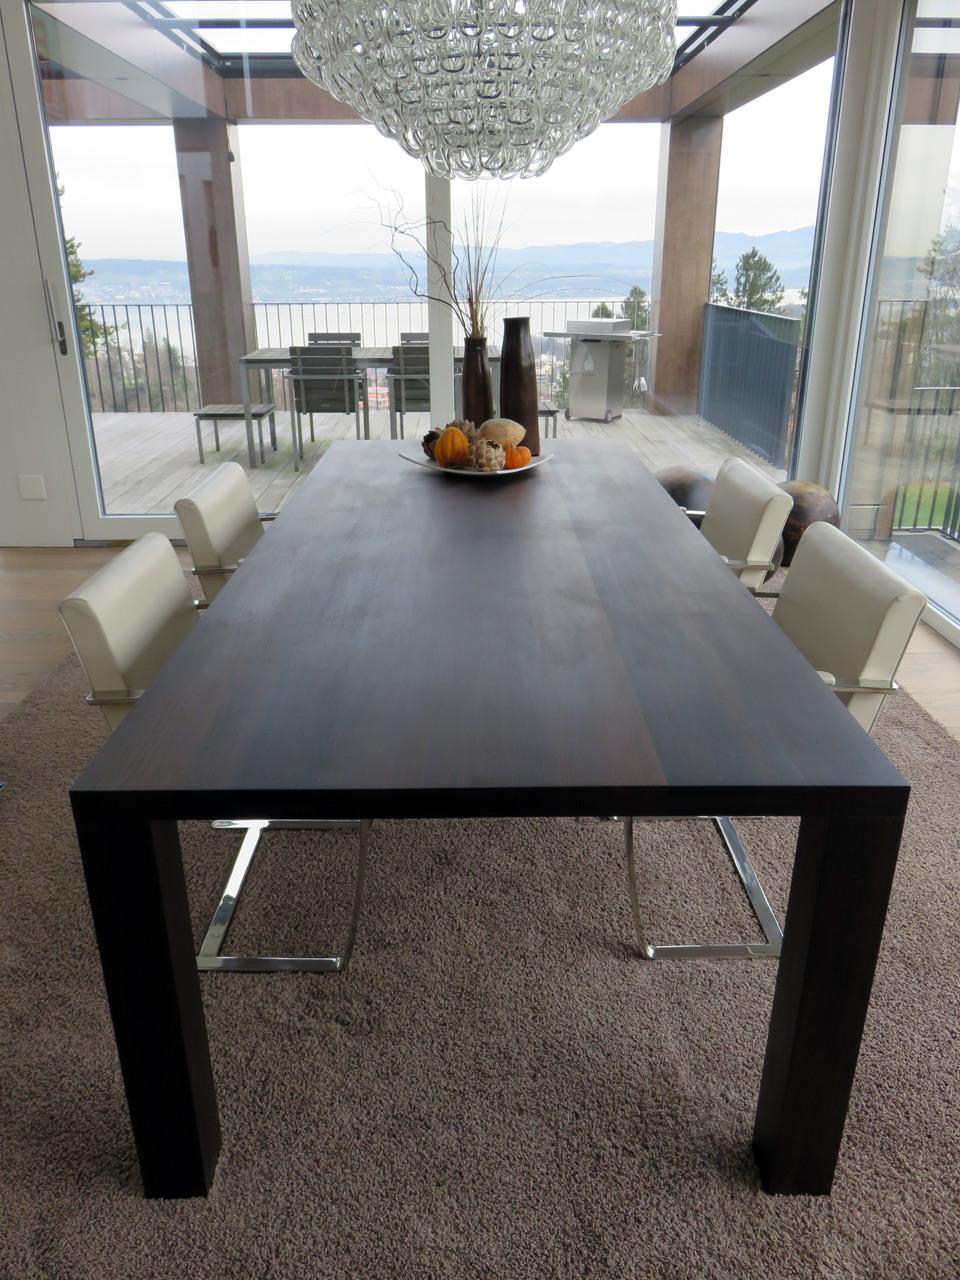 Tische frei holzdesign gmbh for Tisch design kreuch gmbh